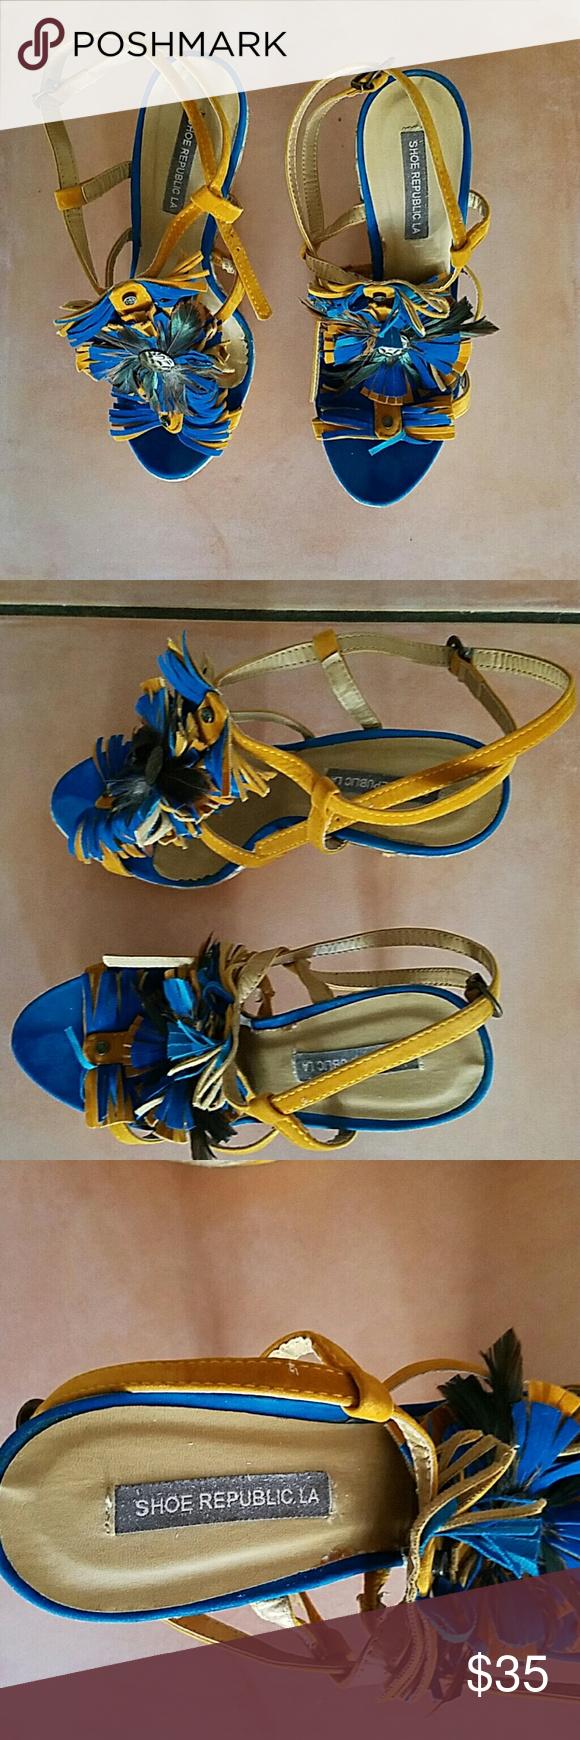 Shoe republic la Women Pre-owned Shoe republic la size 8, multiple colors. Republic LA Shoes Heels